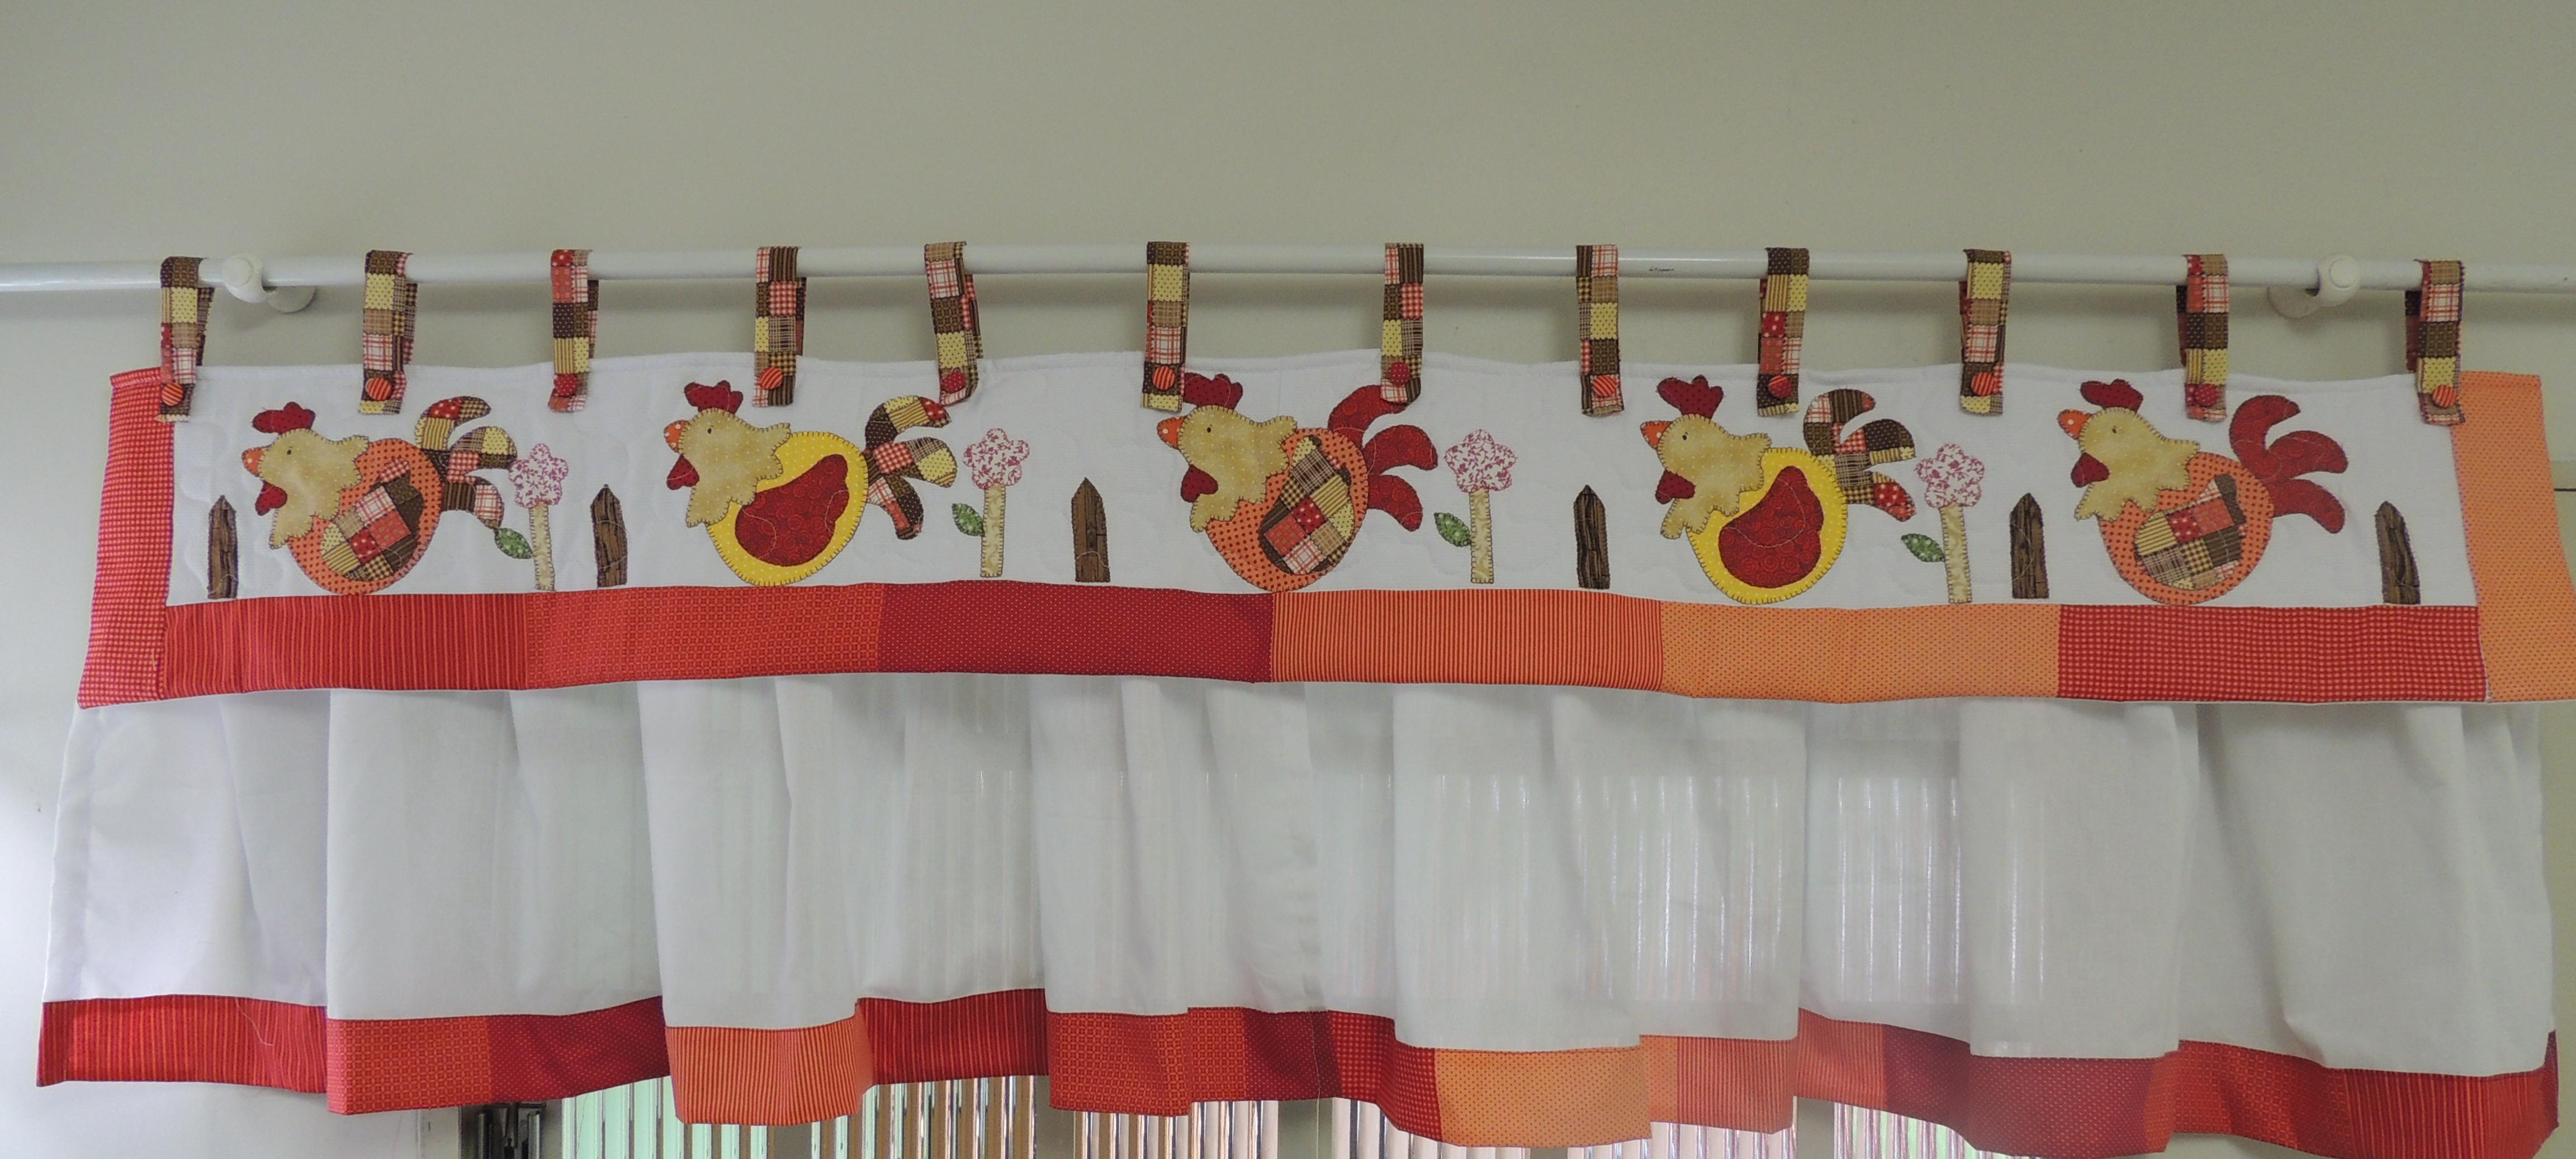 de cozinha galinha patchwork bando de cozinha cortina de cozinha